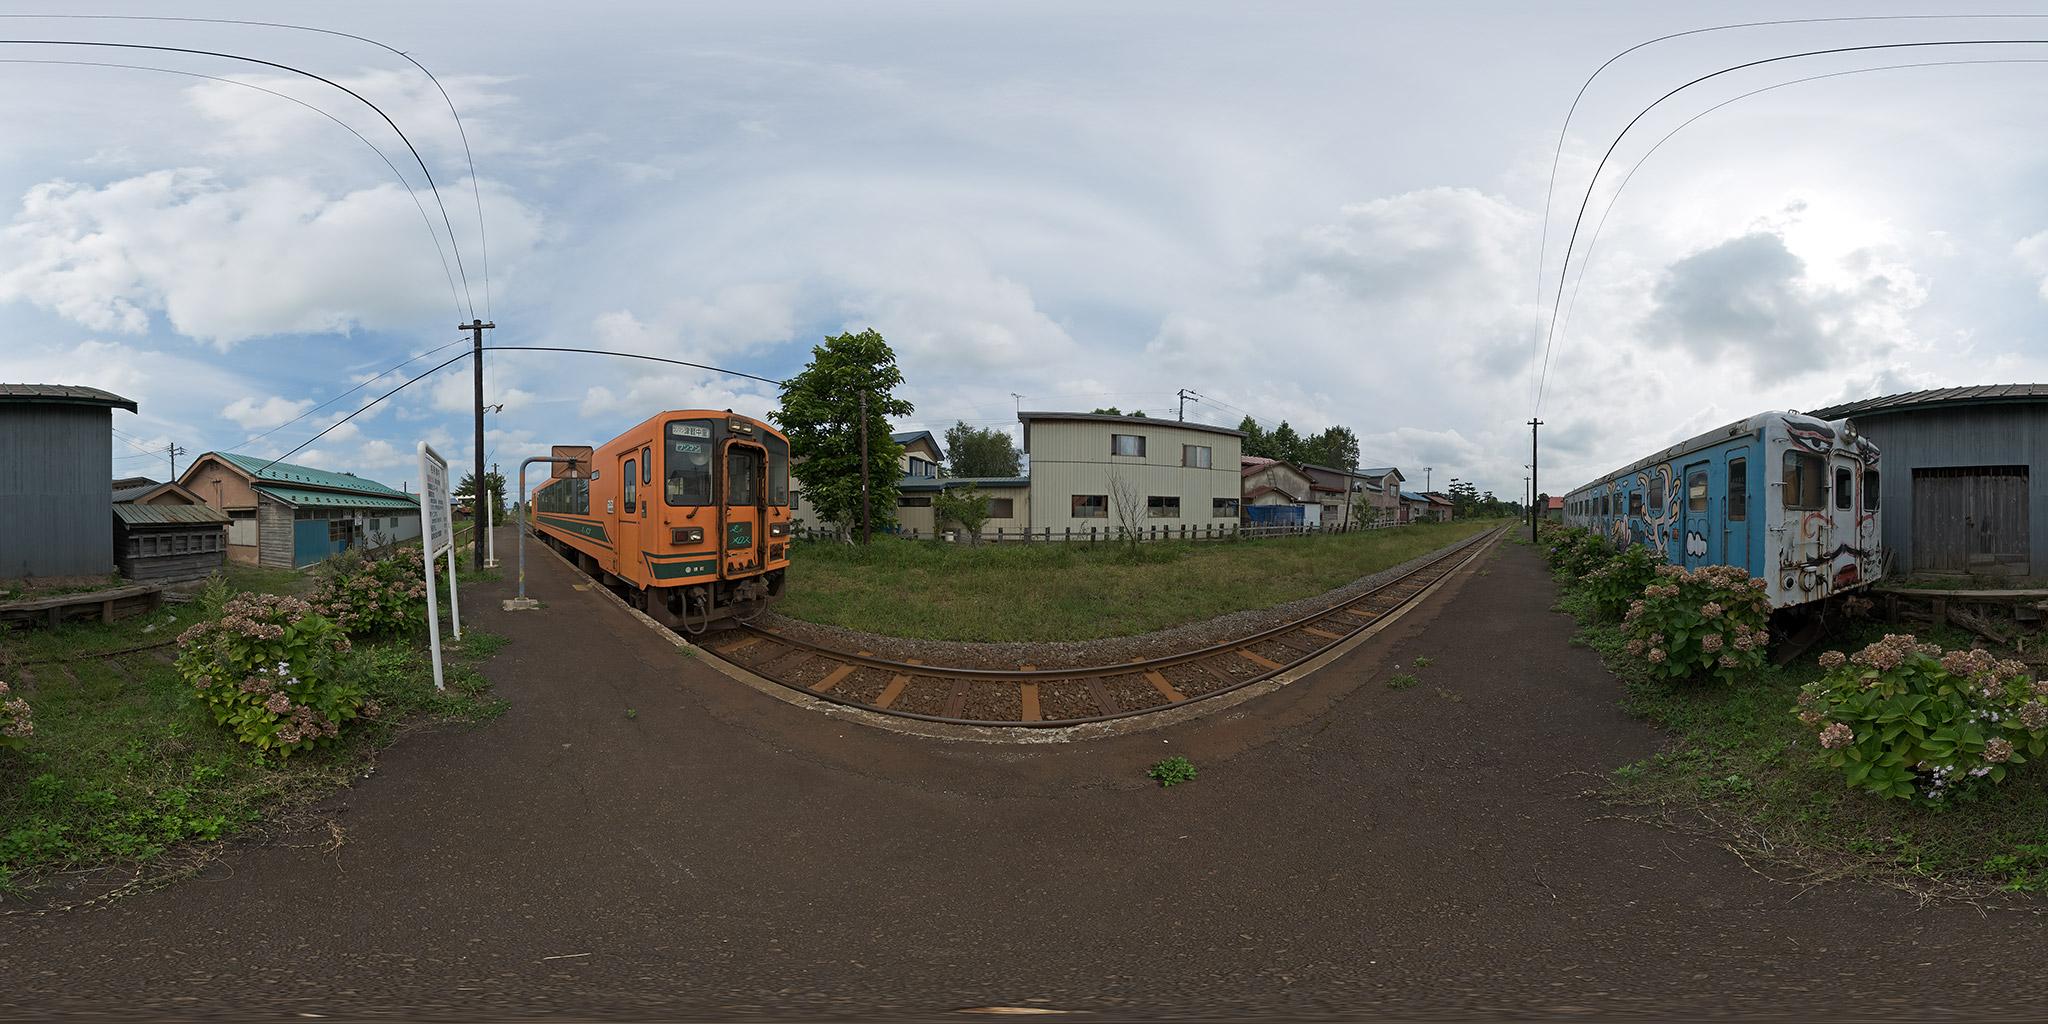 嘉瀬駅に留置されているキハ22028